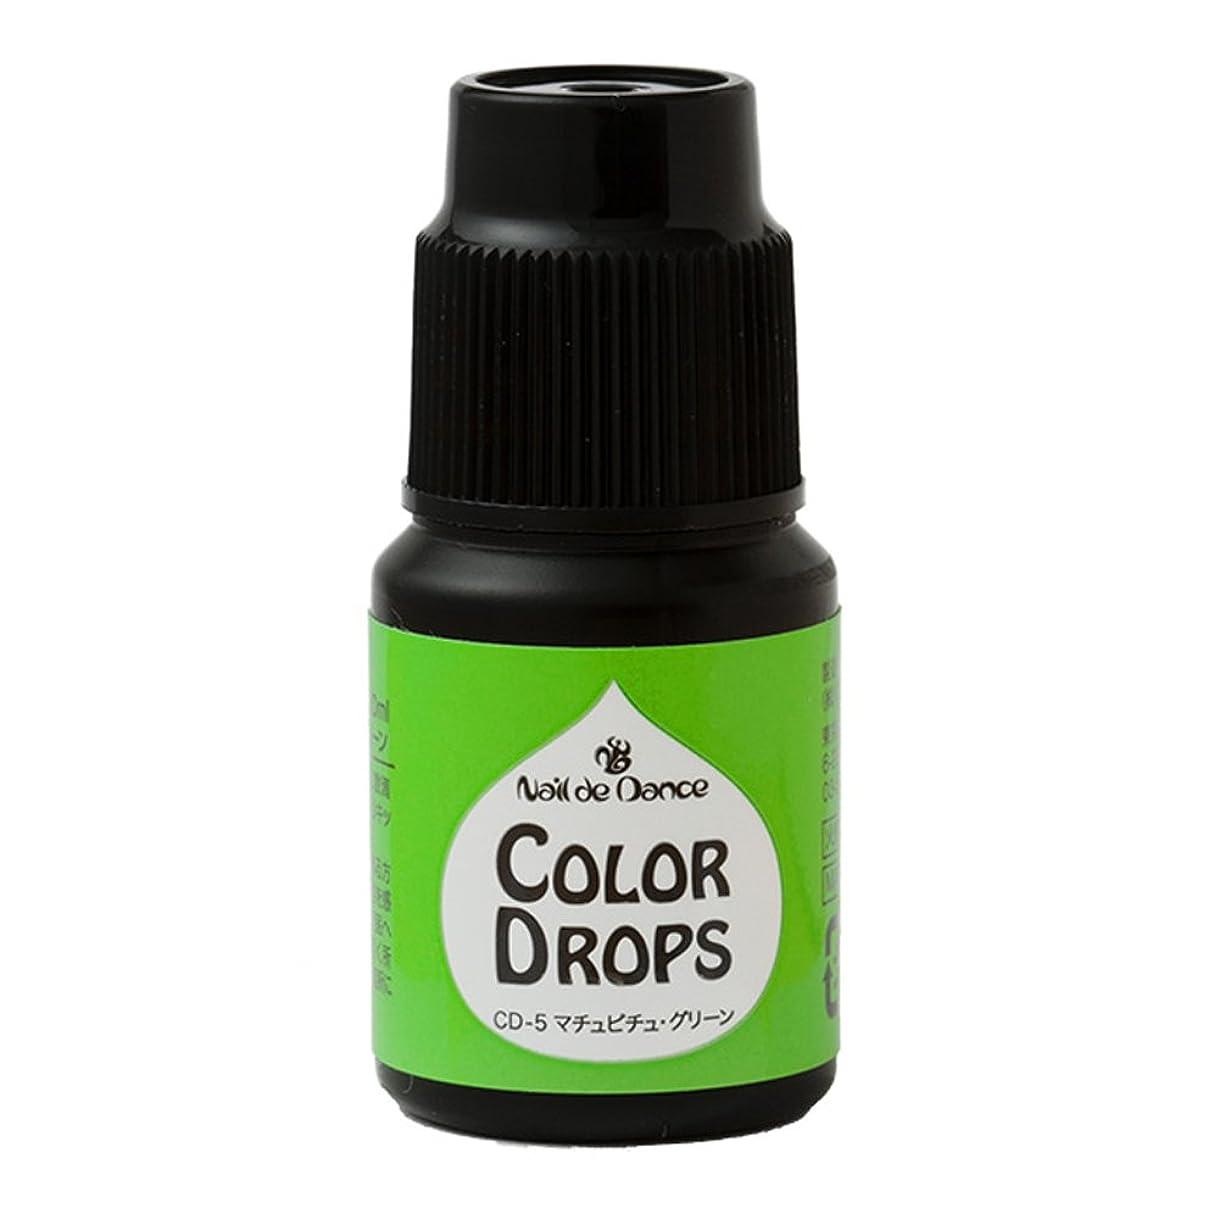 カラードロップス濃縮タイプ グリーン